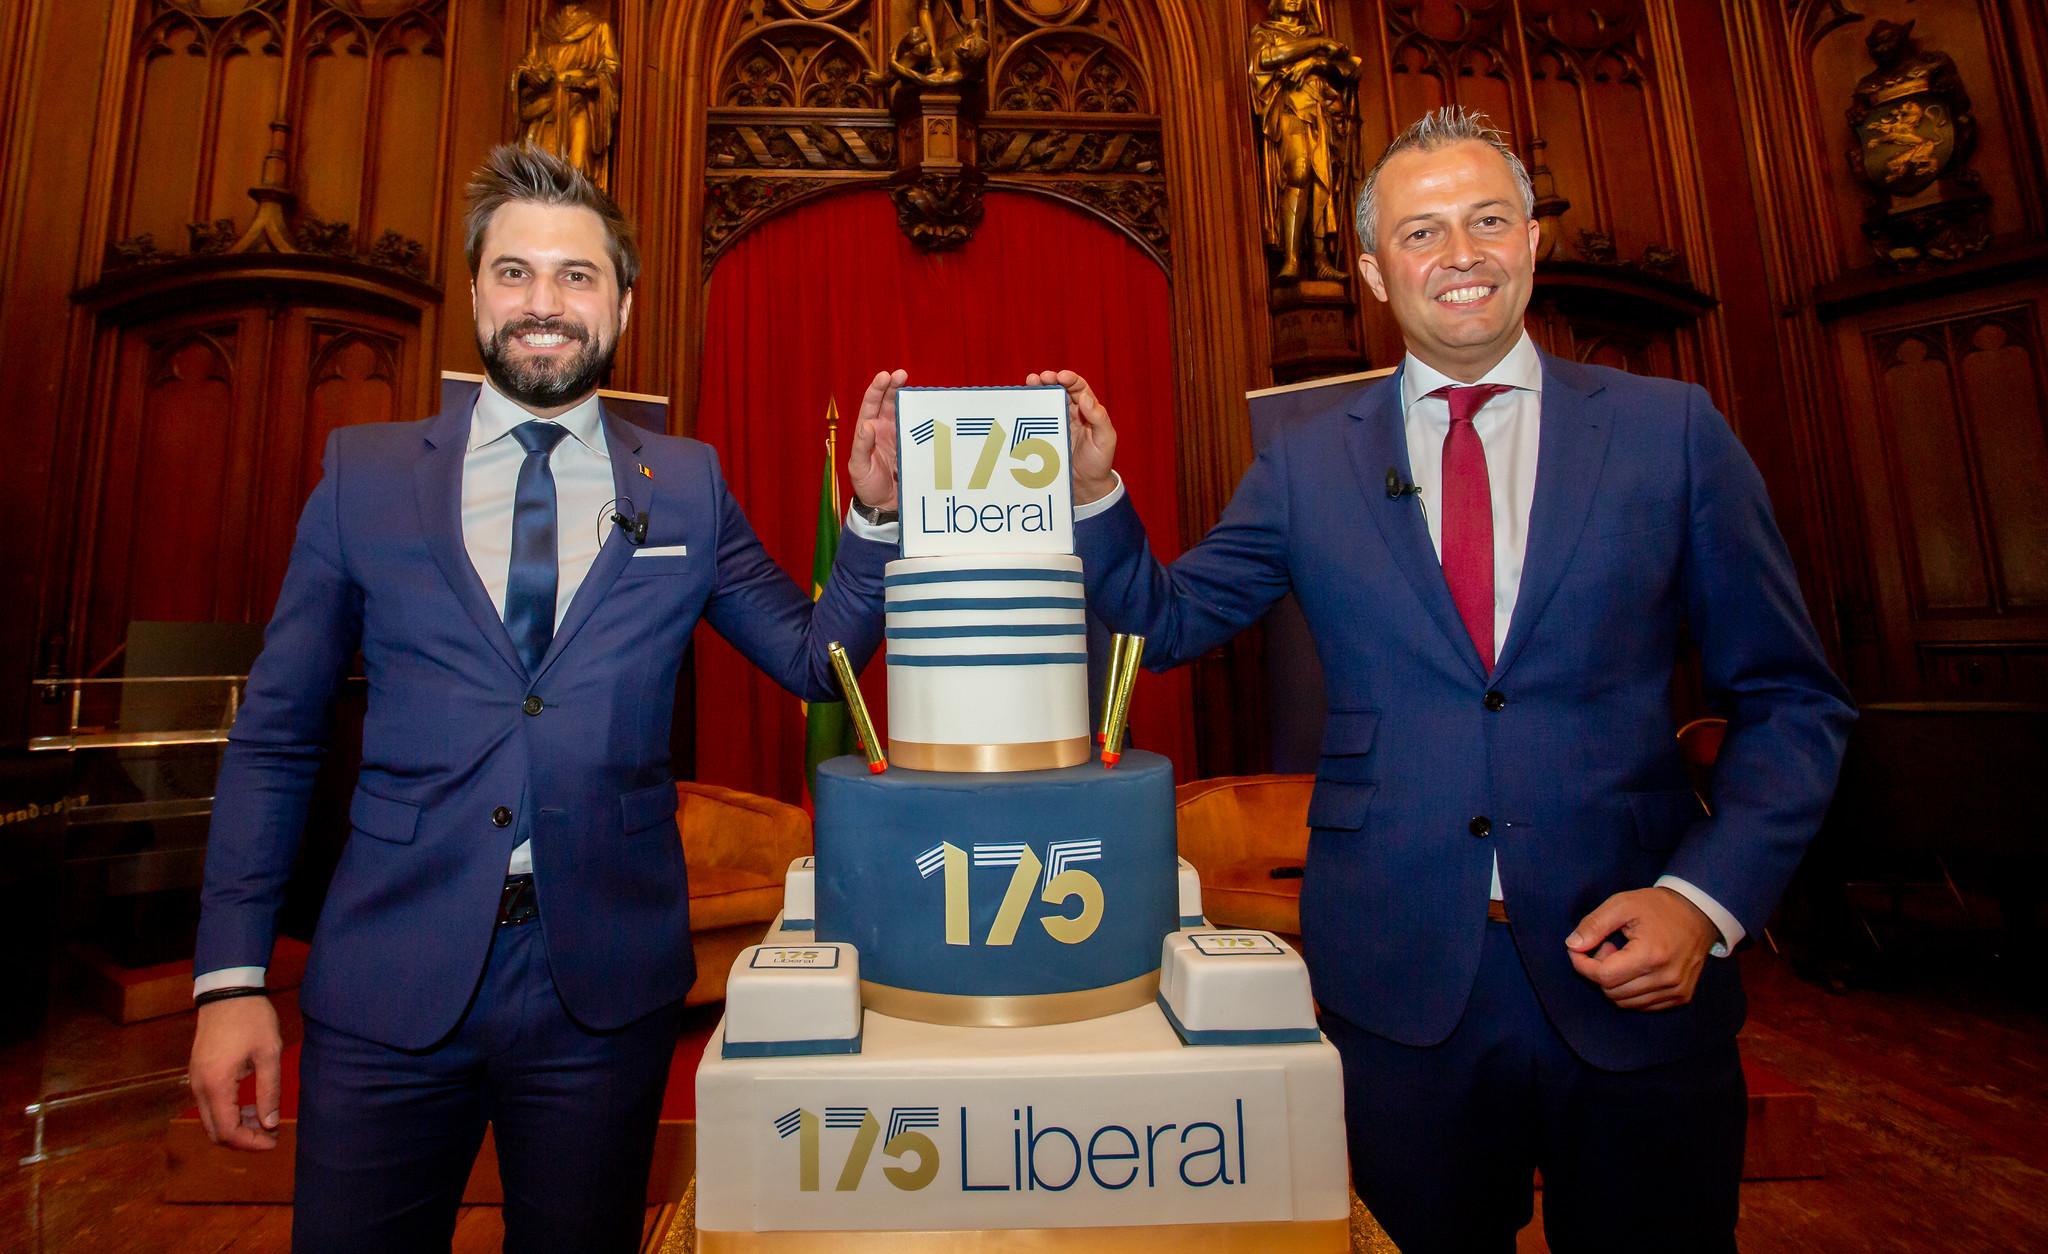 175 ans du parti libéral – Discours du président du MR Georges-Louis Bouchez